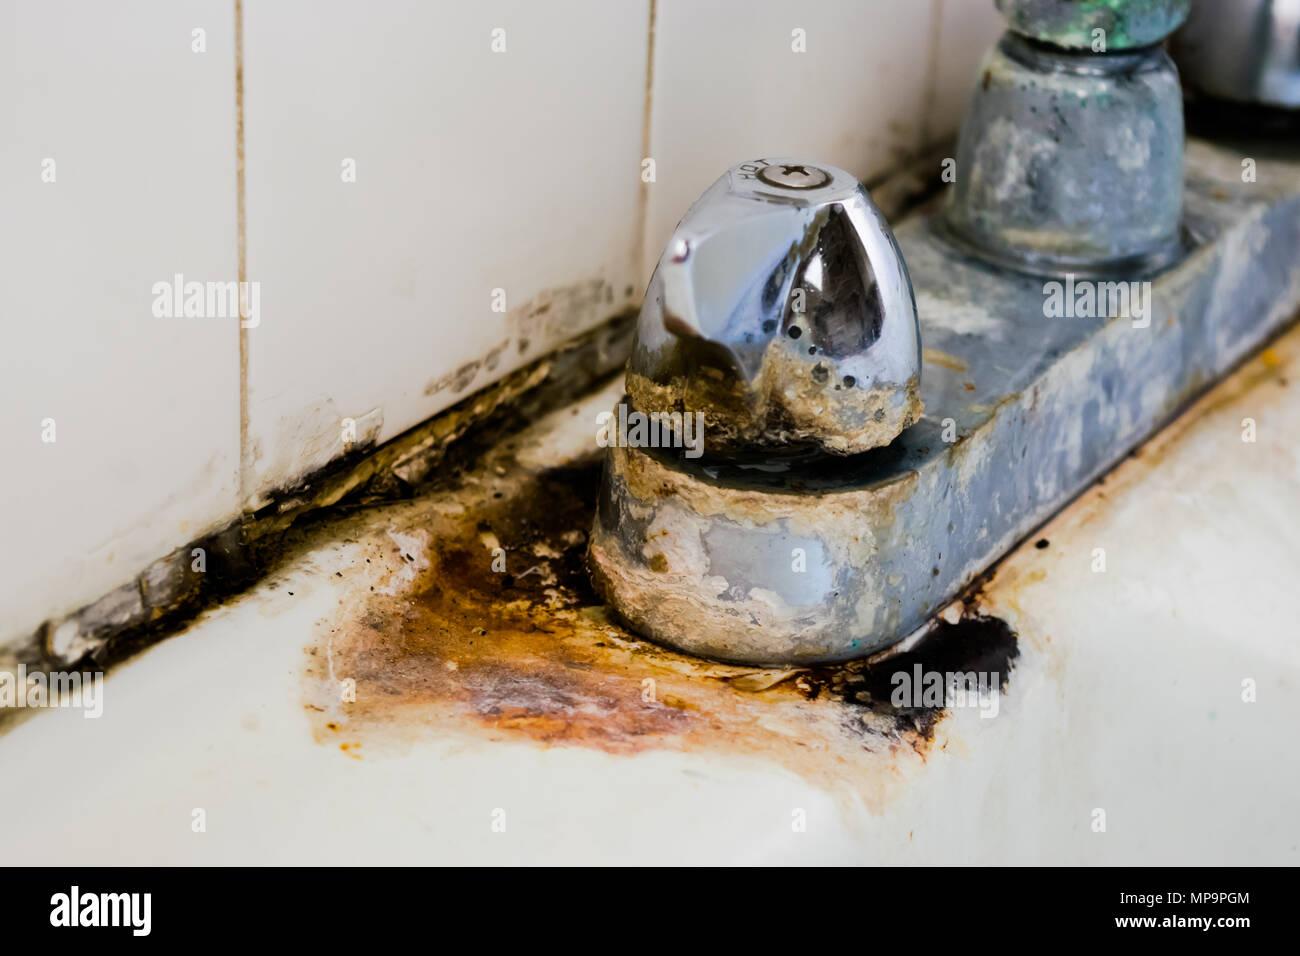 Favorit Hartes Wasser Kaution und Rost auf korrodierte Chrom Wasserhahn GP04